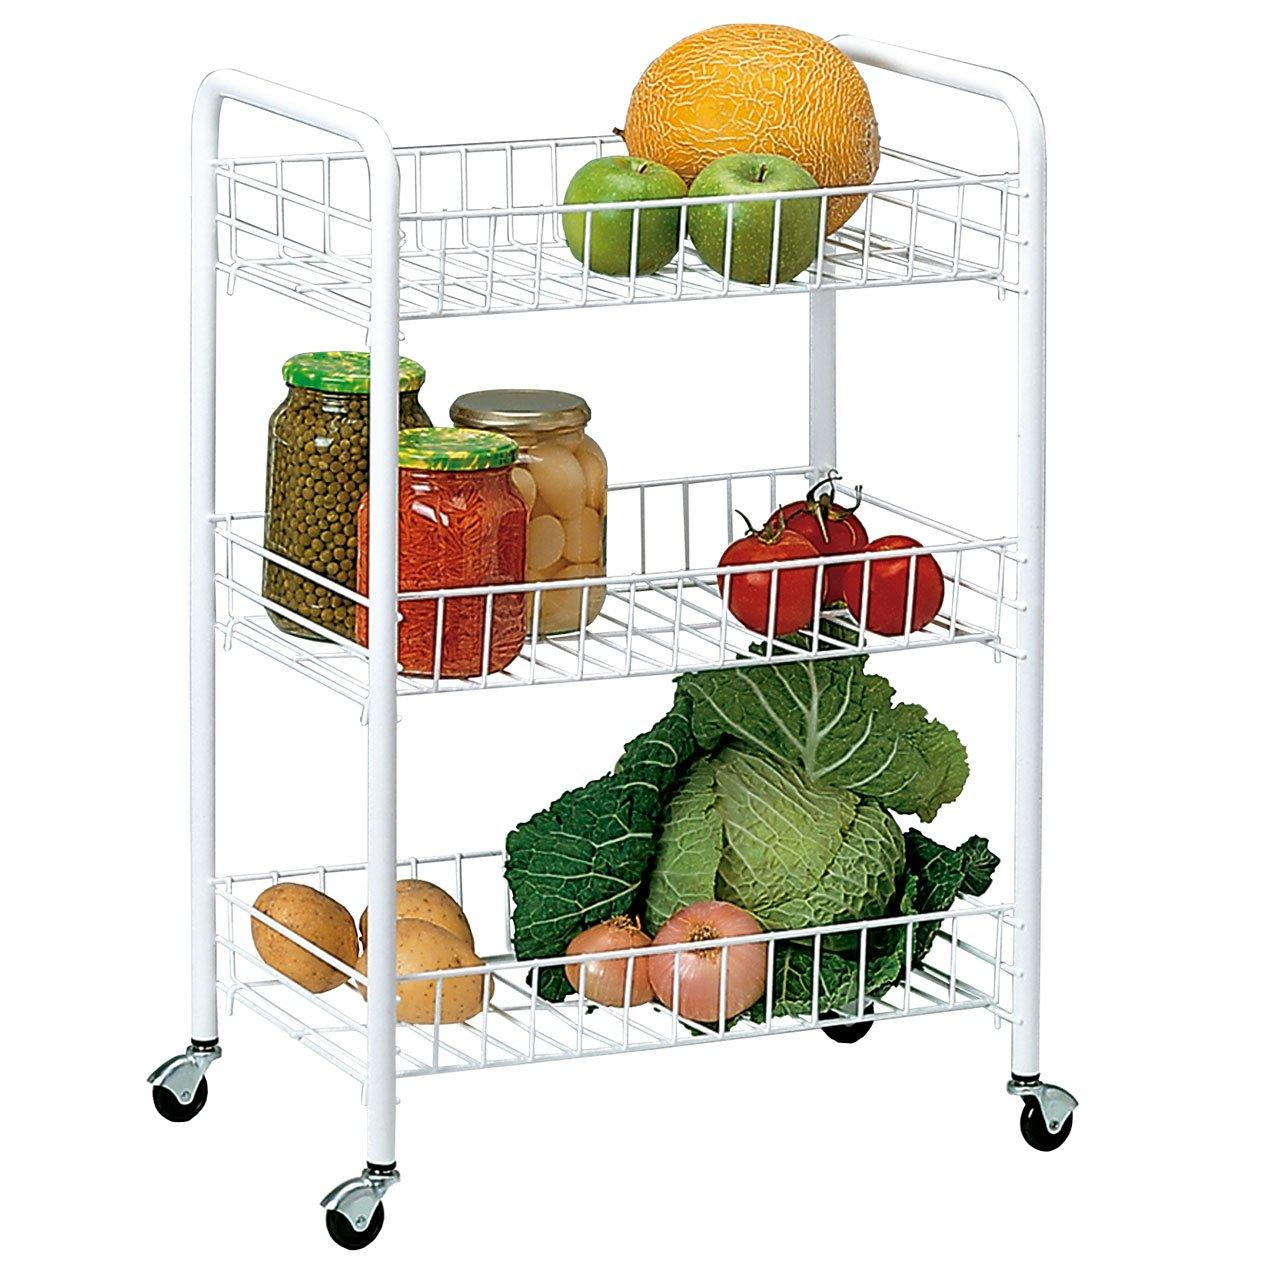 Rayen 1110.01 Kitchen Trolley 41 x 26 x 60 cm 3 Shelves